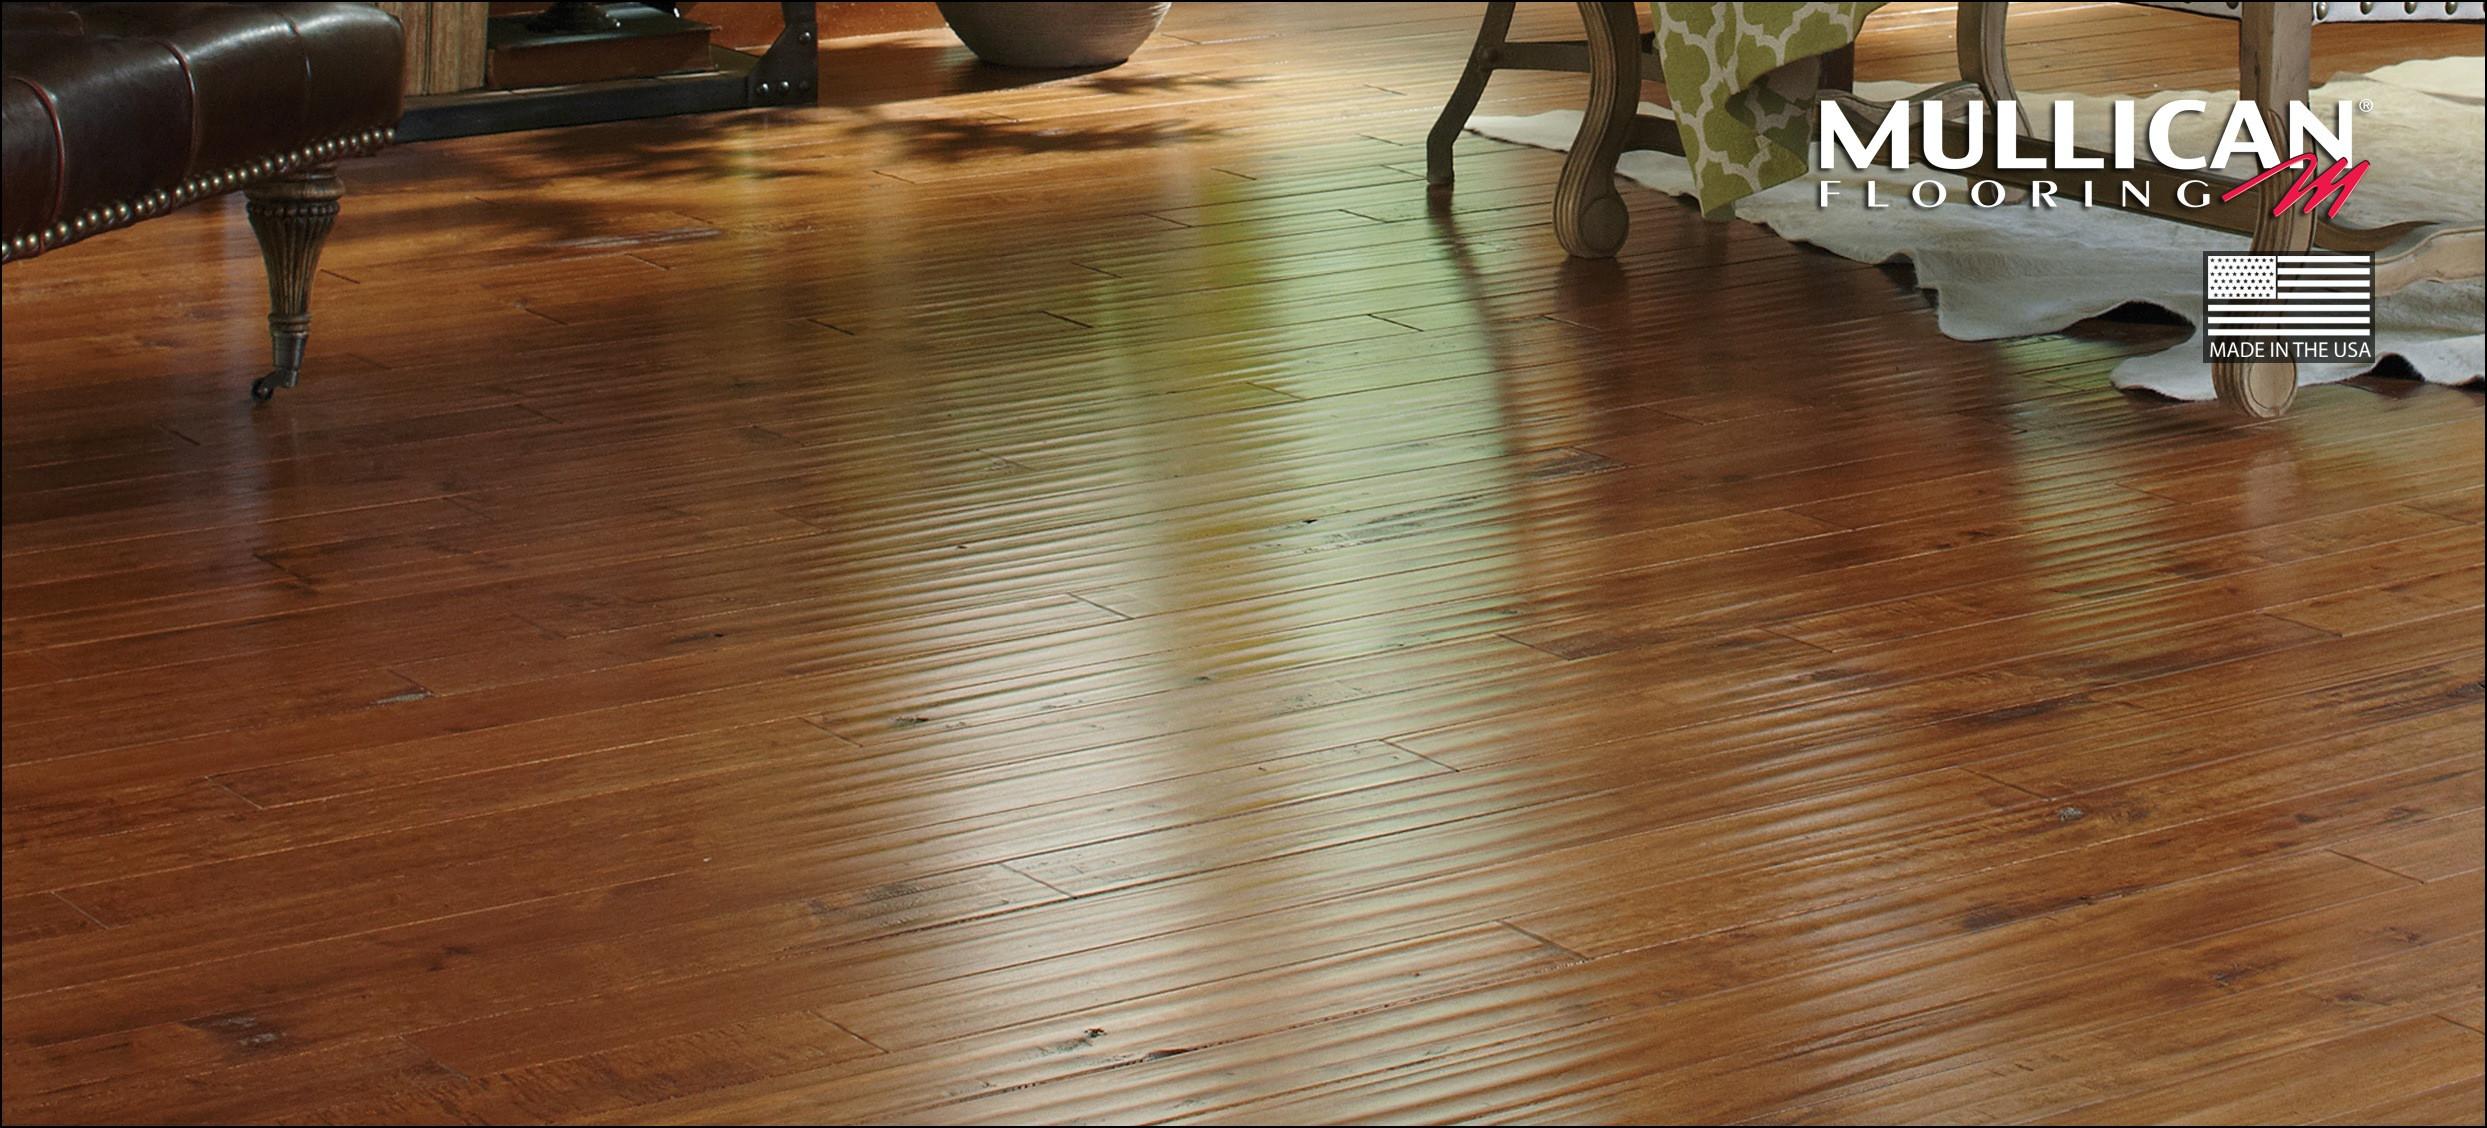 distressed hardwood flooring home depot of 2 white oak flooring unfinished images red oak solid hardwood wood regarding 2 white oak flooring unfinished collection mullican flooring home of 2 white oak flooring unfinished images